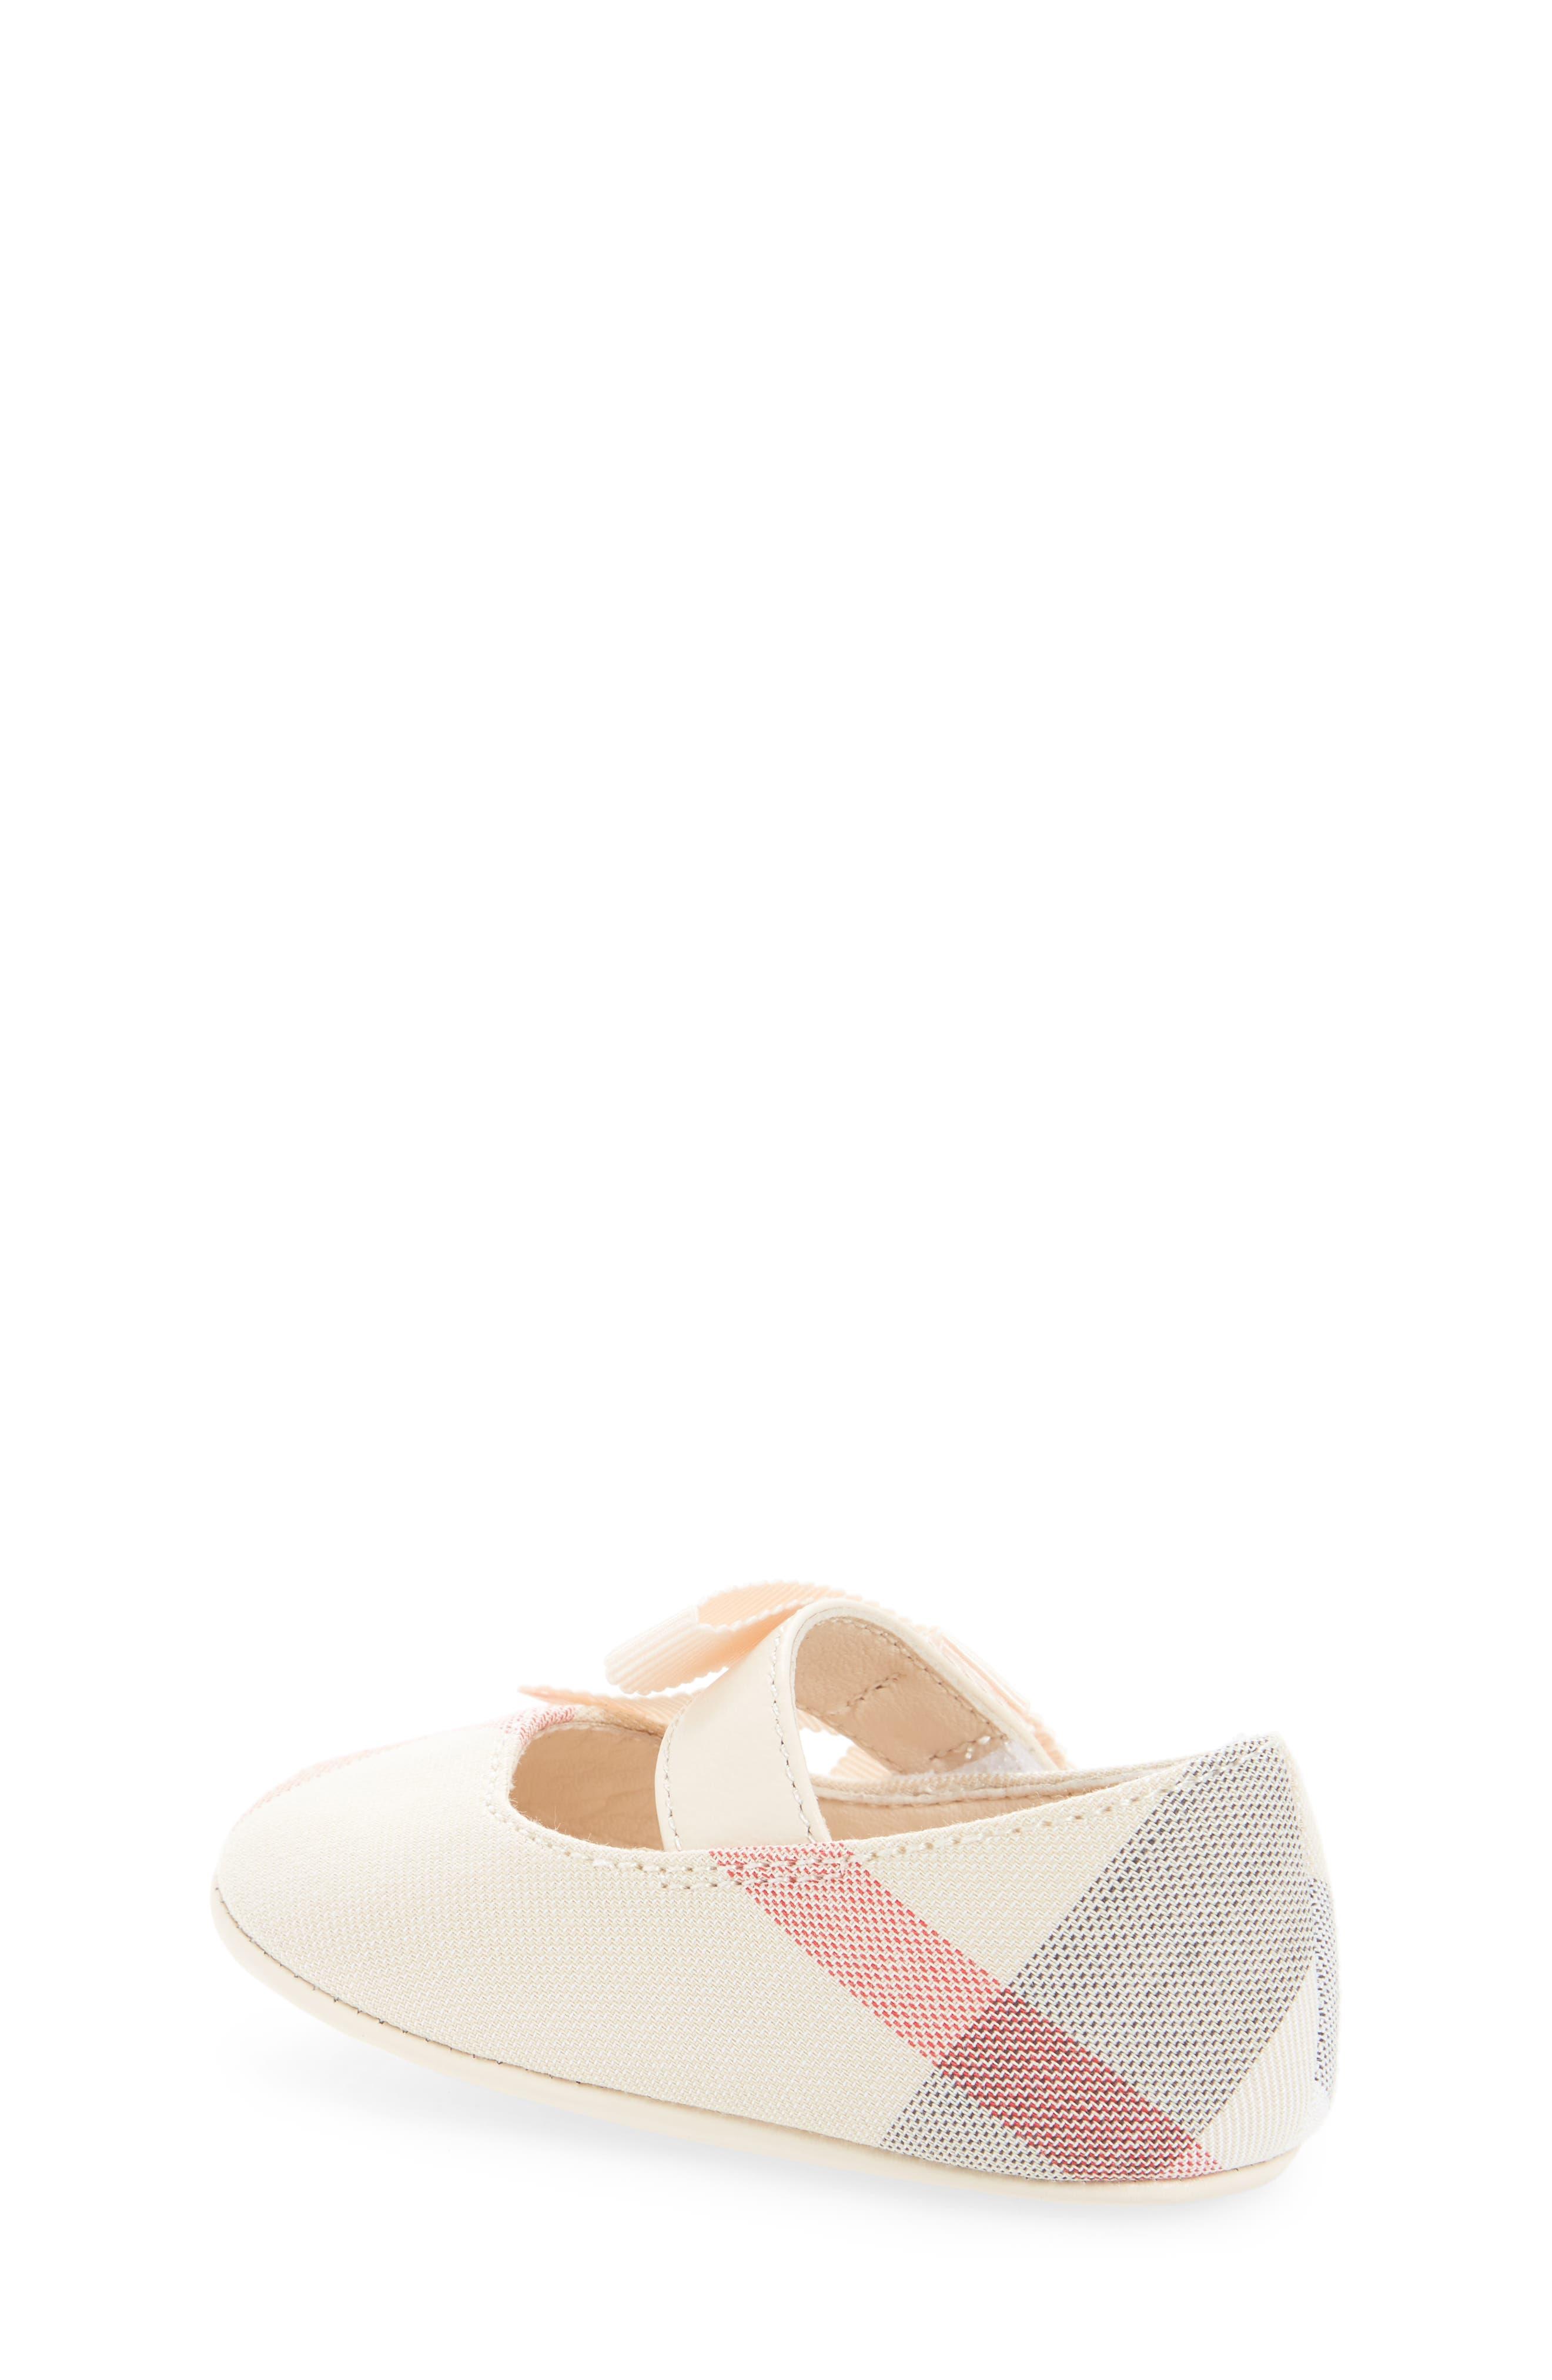 Alternate Image 2  - Burberry Stark Mary Jane Crib Shoe (Baby)